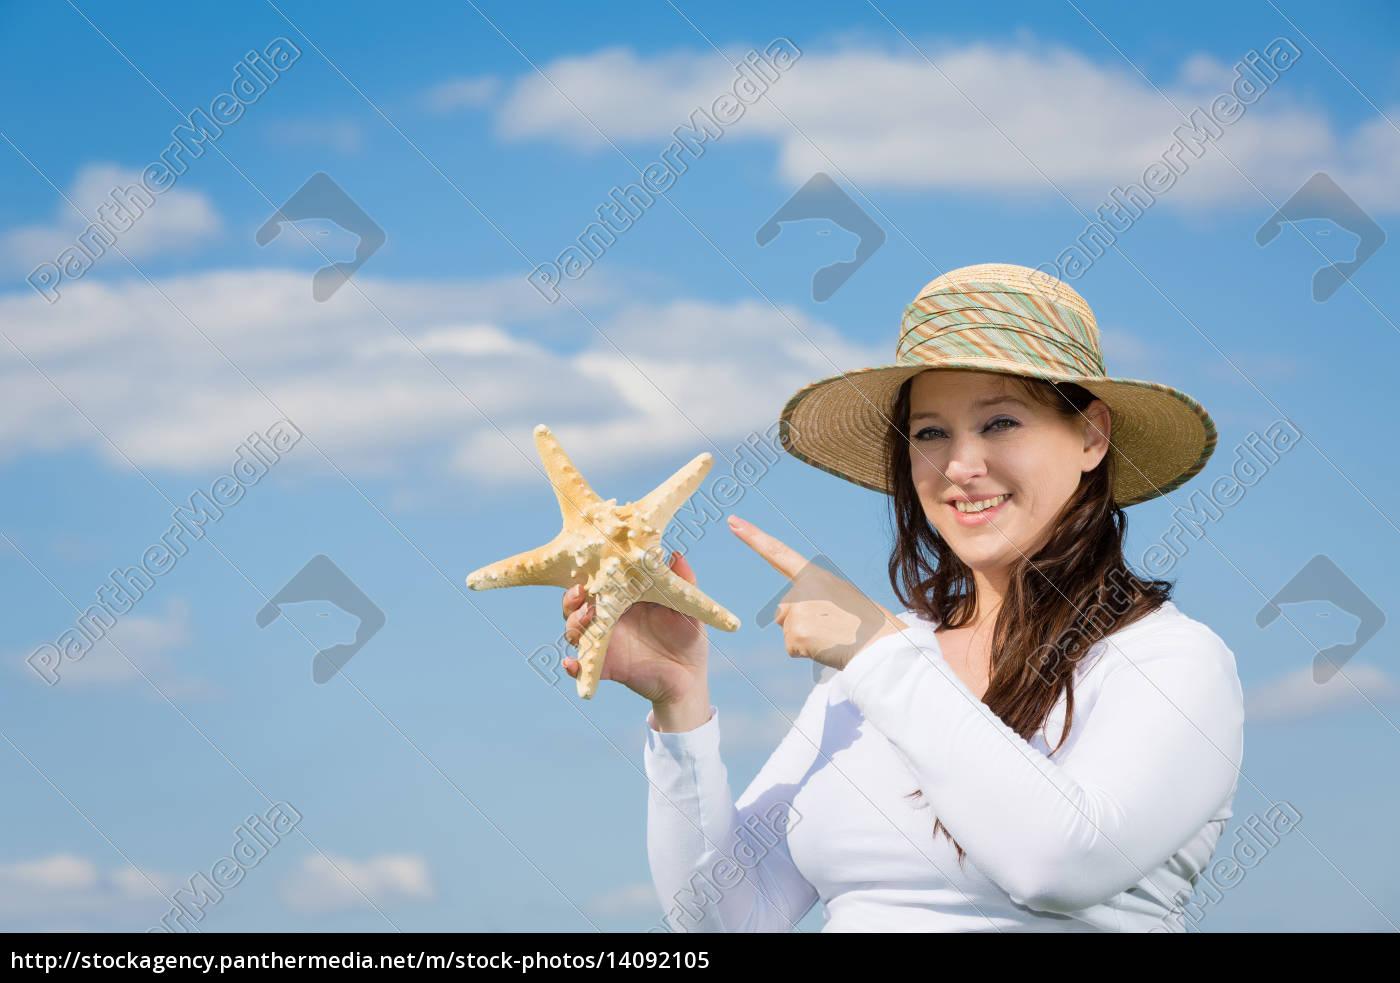 show, a, starfish - 14092105